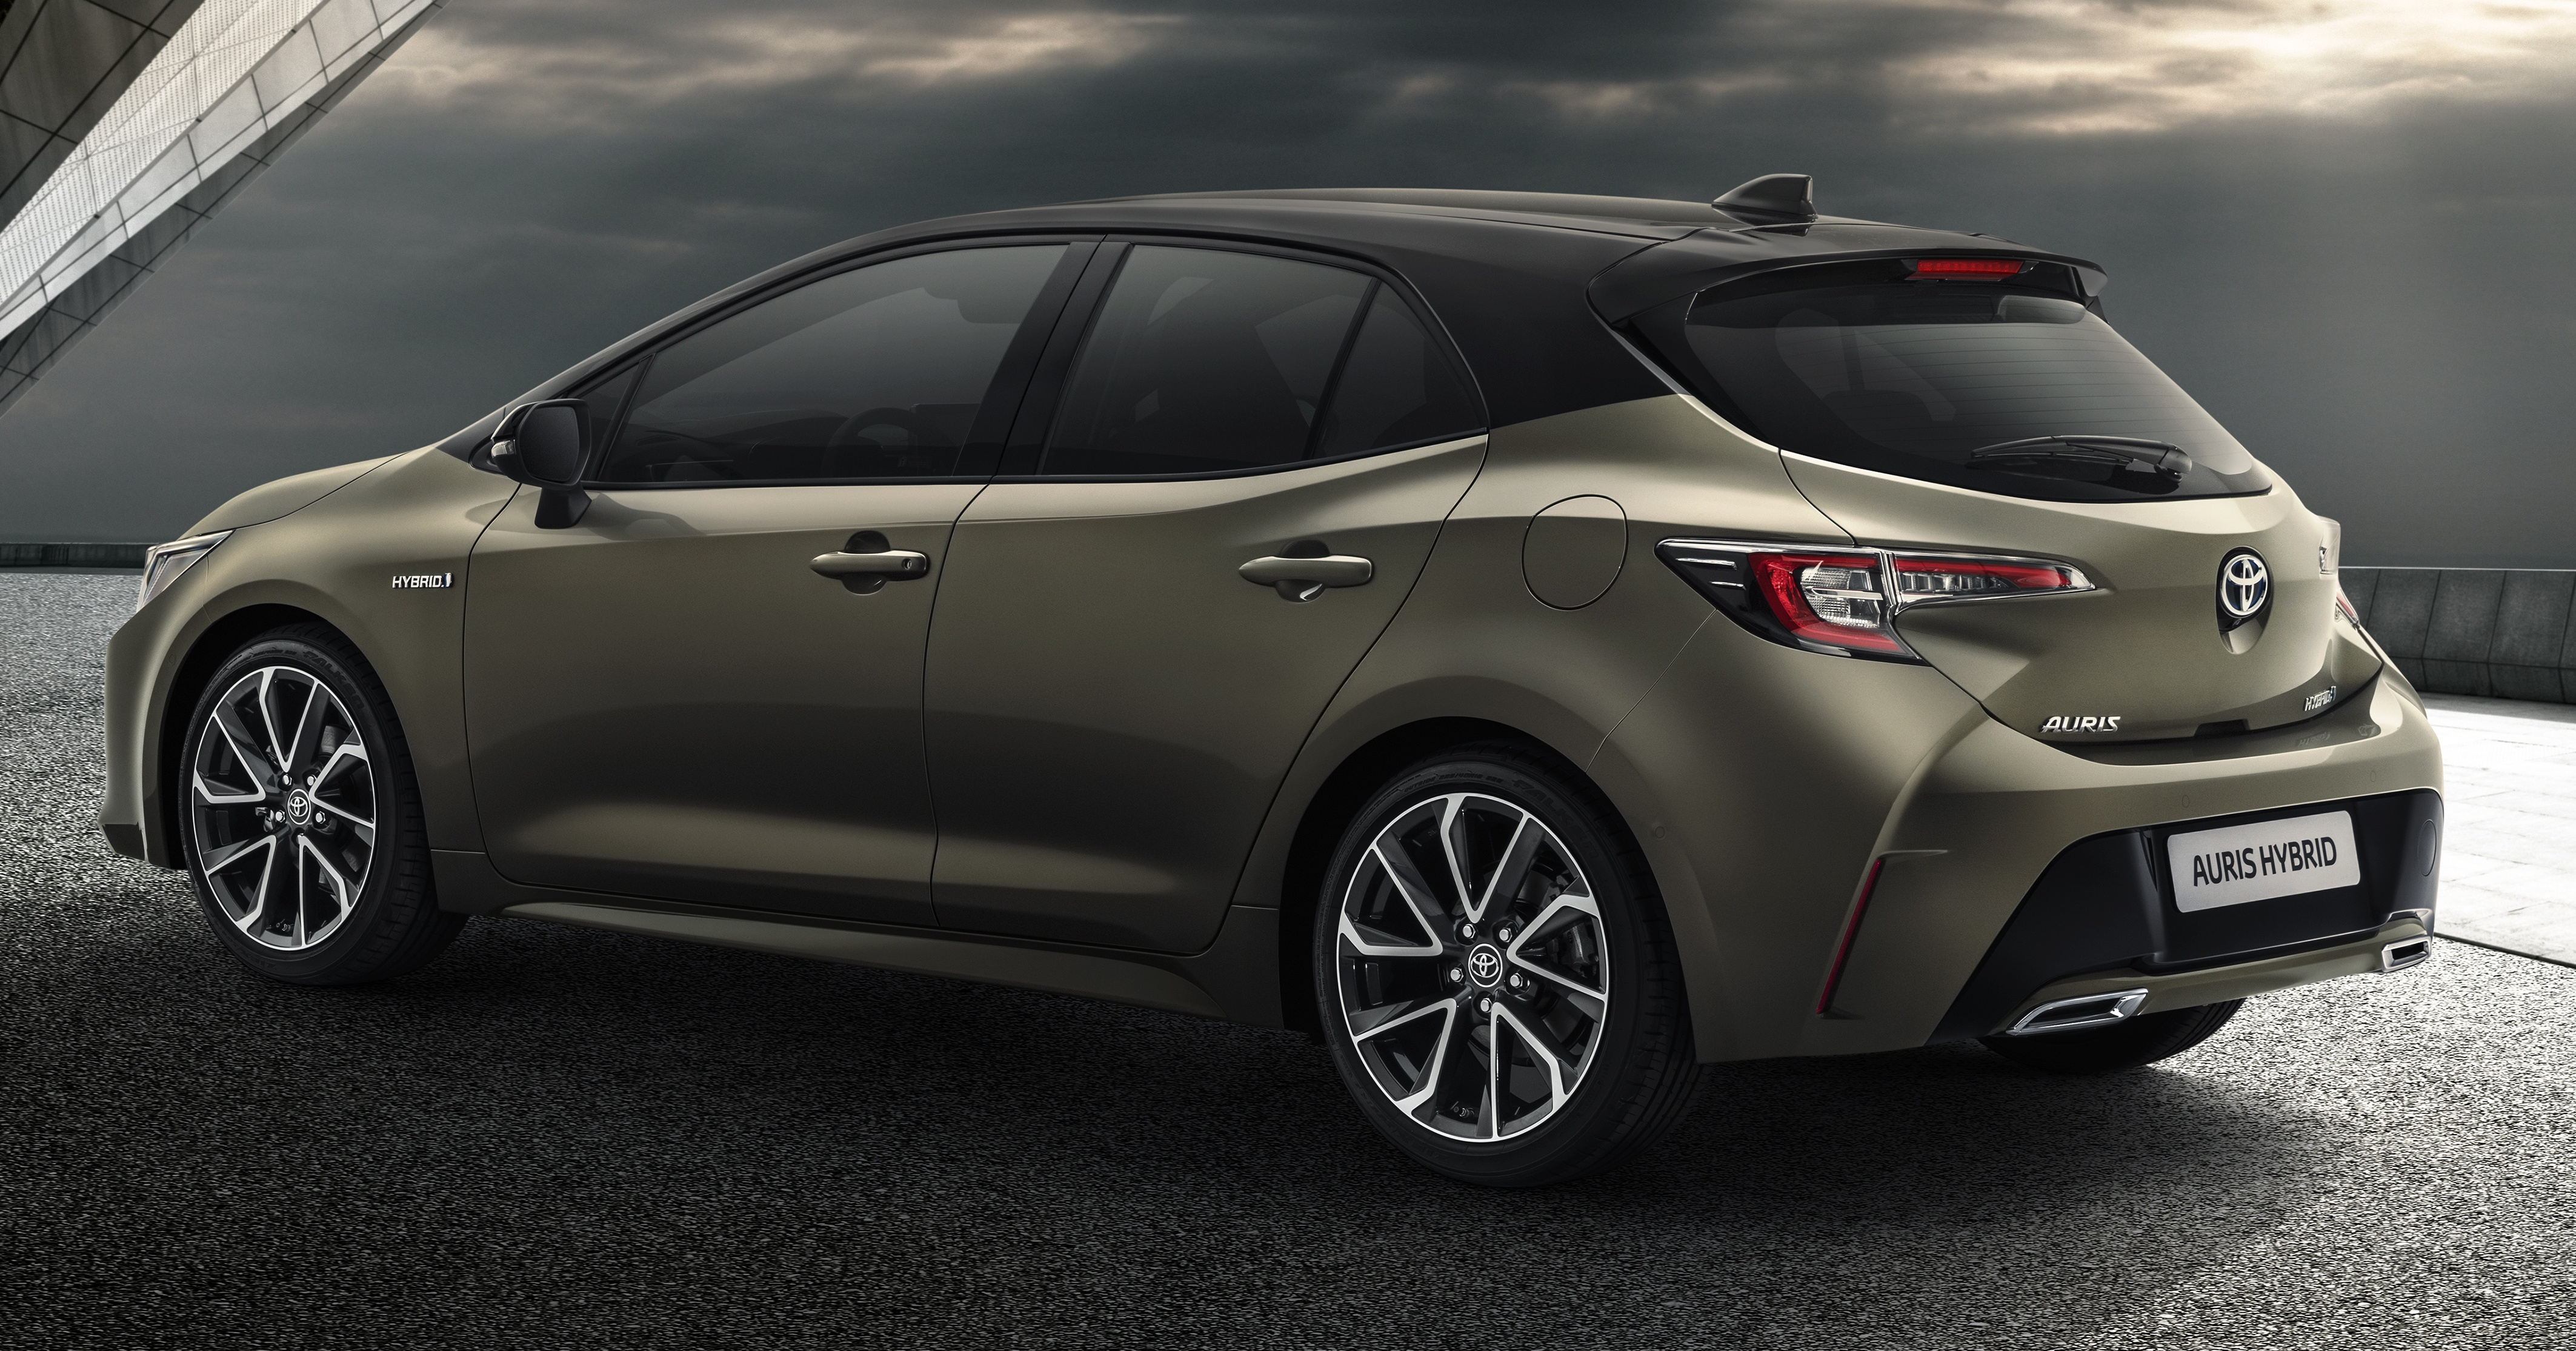 2018 Toyota Auris Previewed New Tnga Platform 1 2 Litre